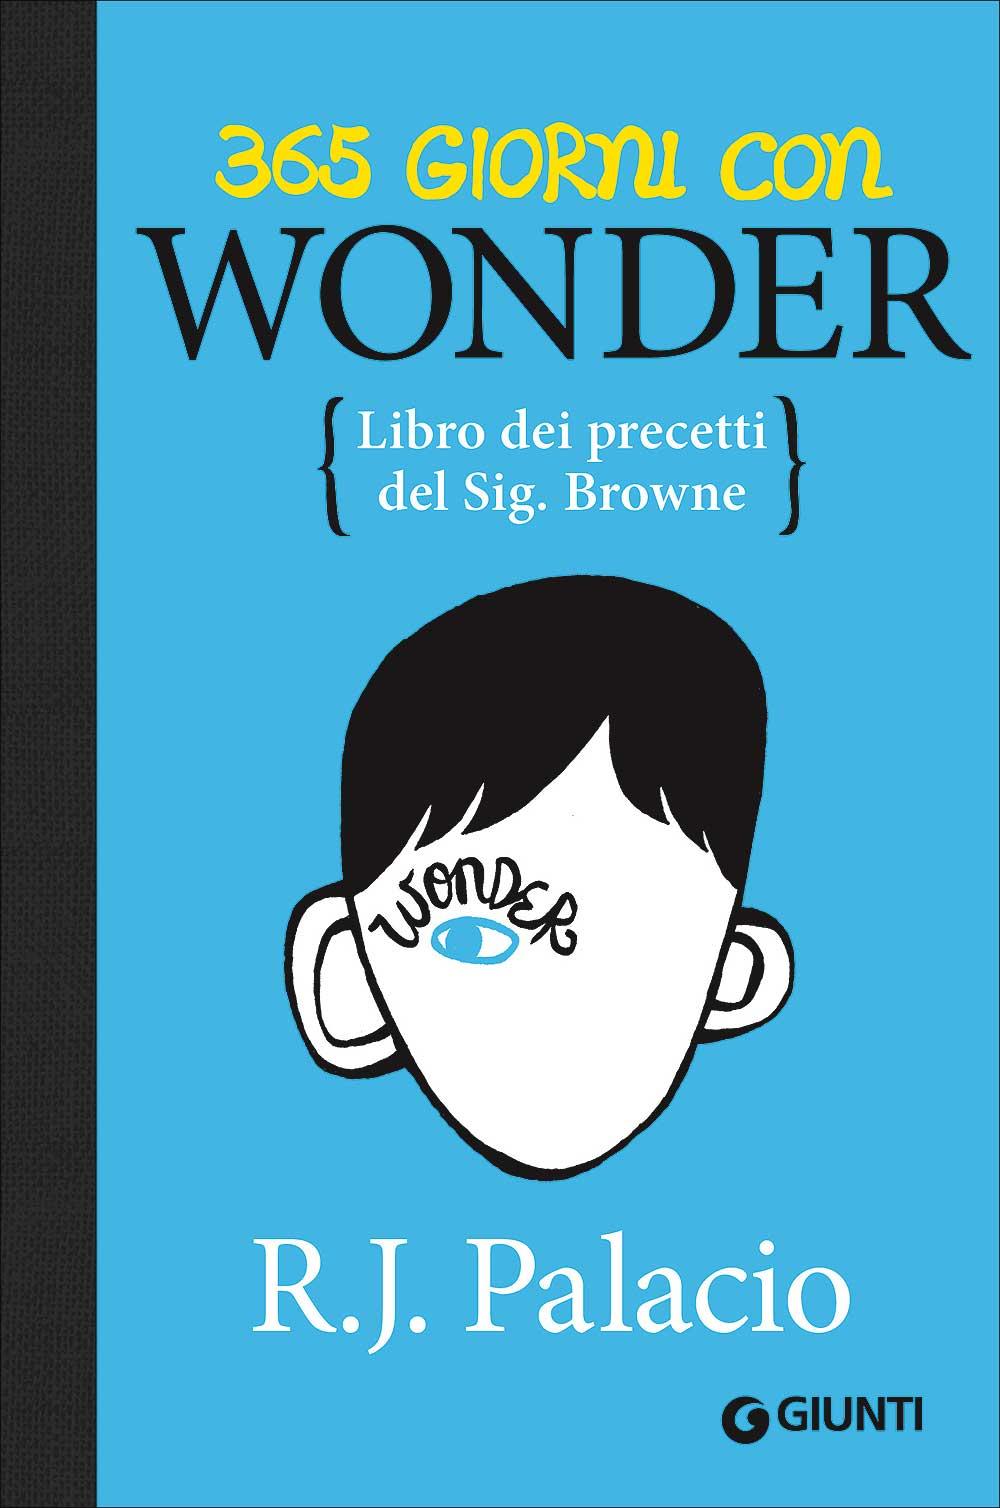 365 Giorni con Wonder